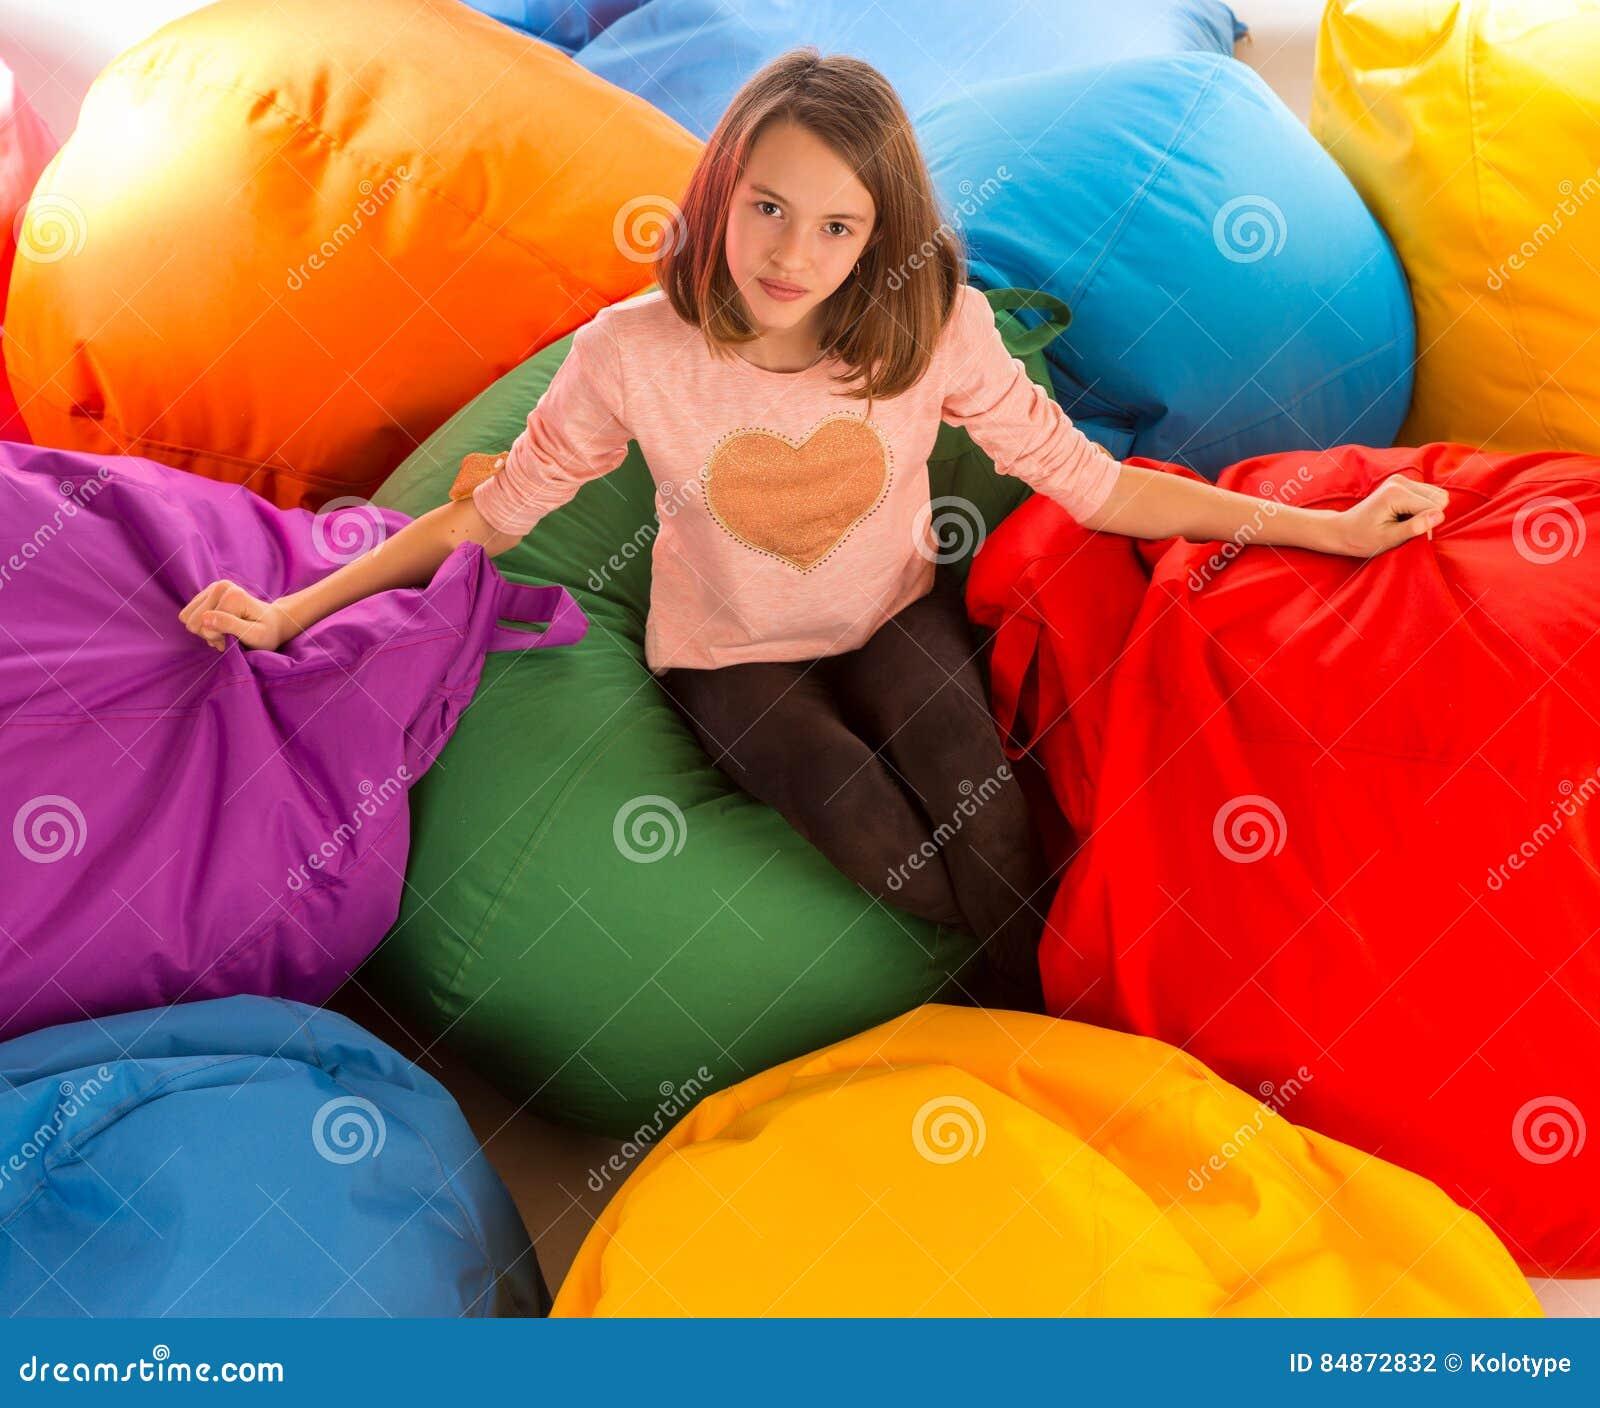 坐在装豆子小布袋椅子之间的年轻愉快的女孩